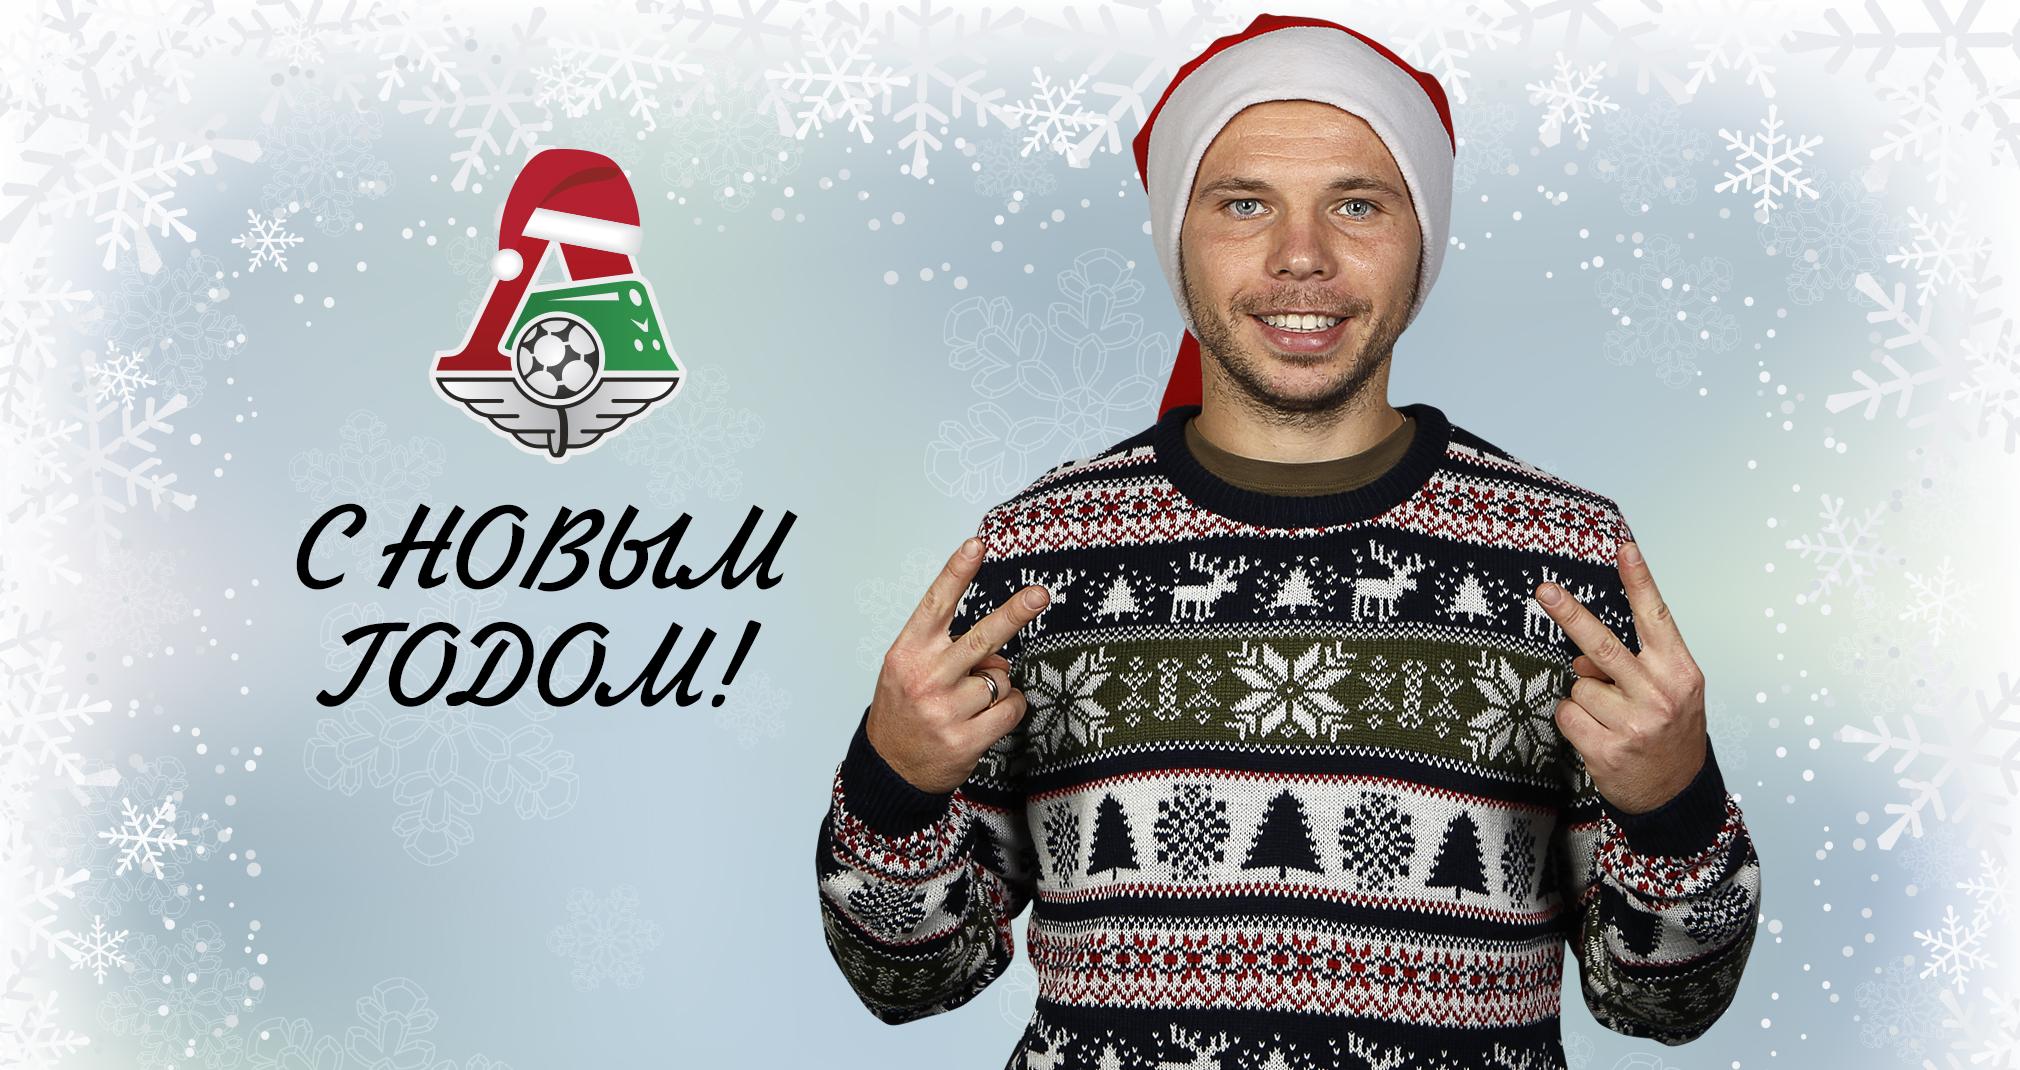 Шишкин: Любви, удачи и крутых каникул!